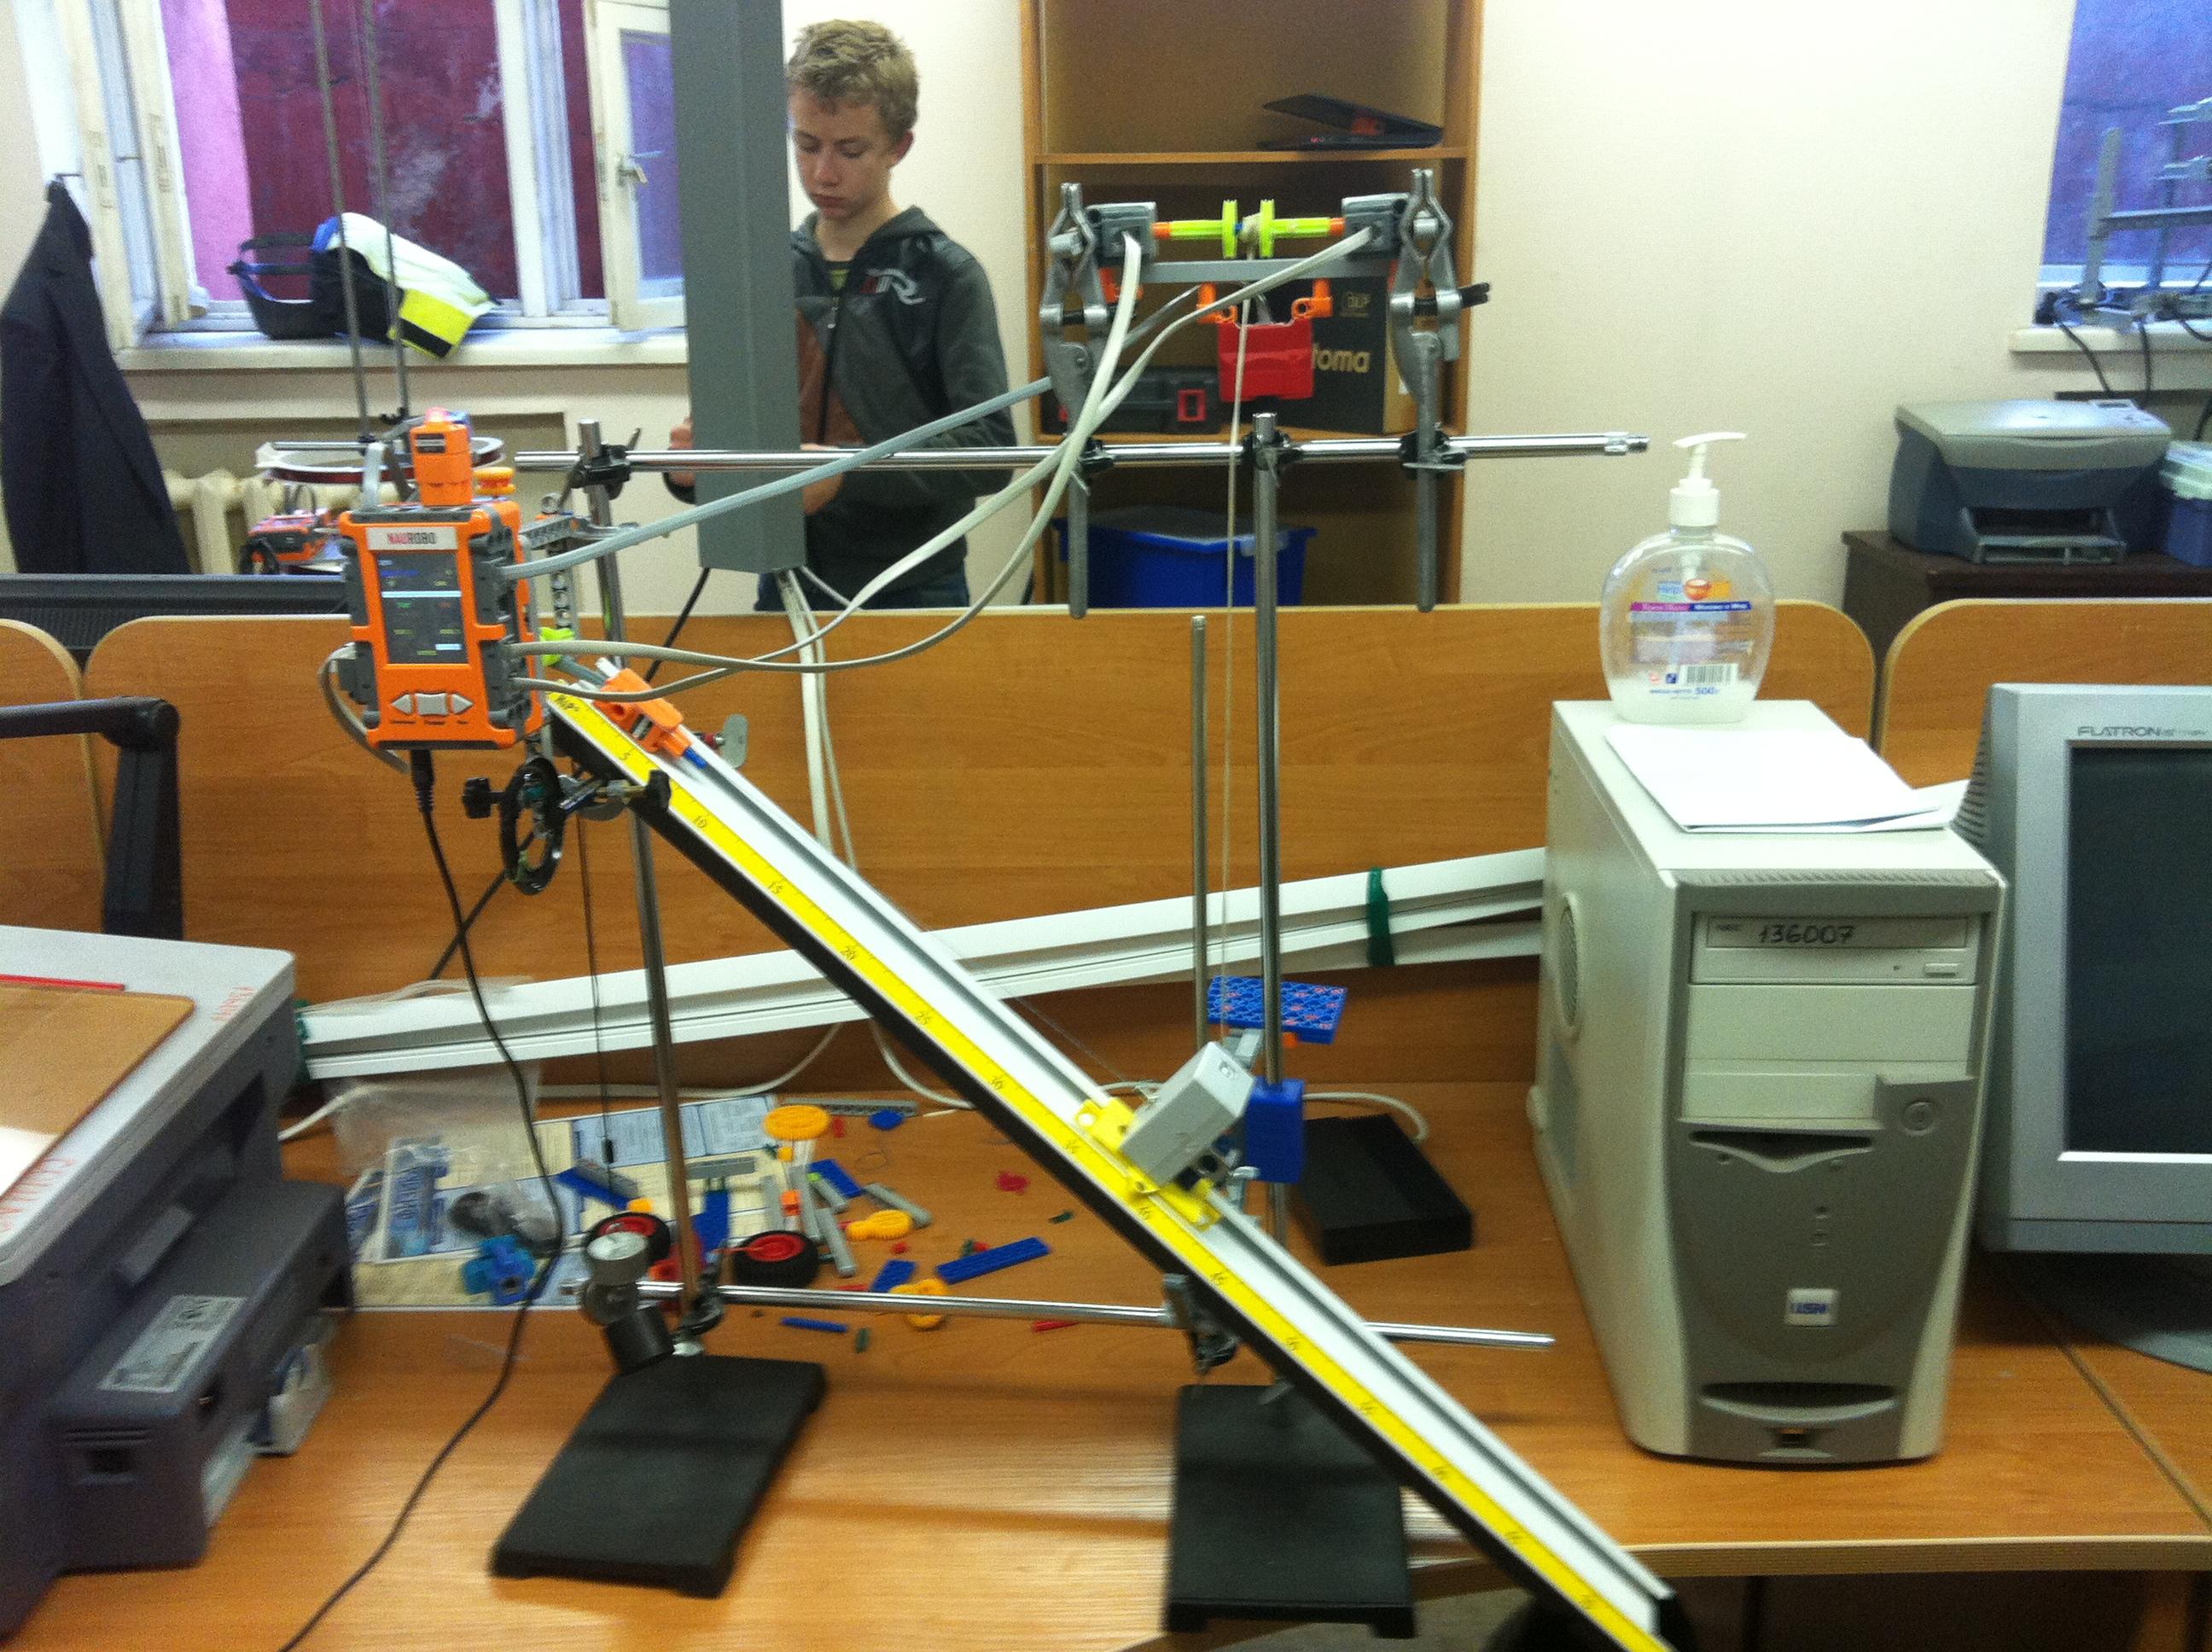 Федору Тропину достался самый сложный робот